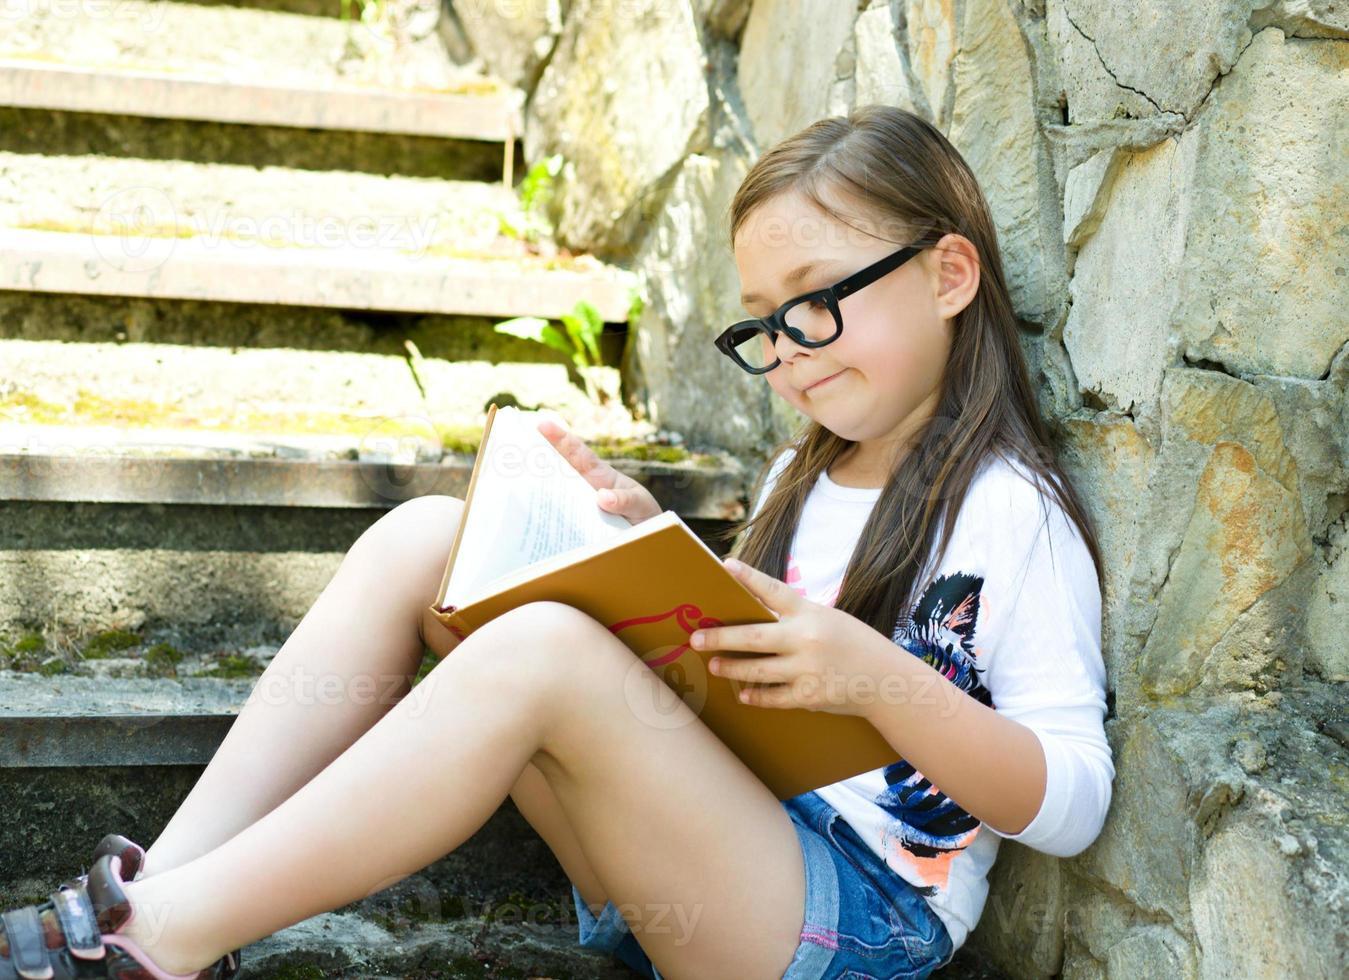 la bambina sta leggendo un libro all'aperto foto